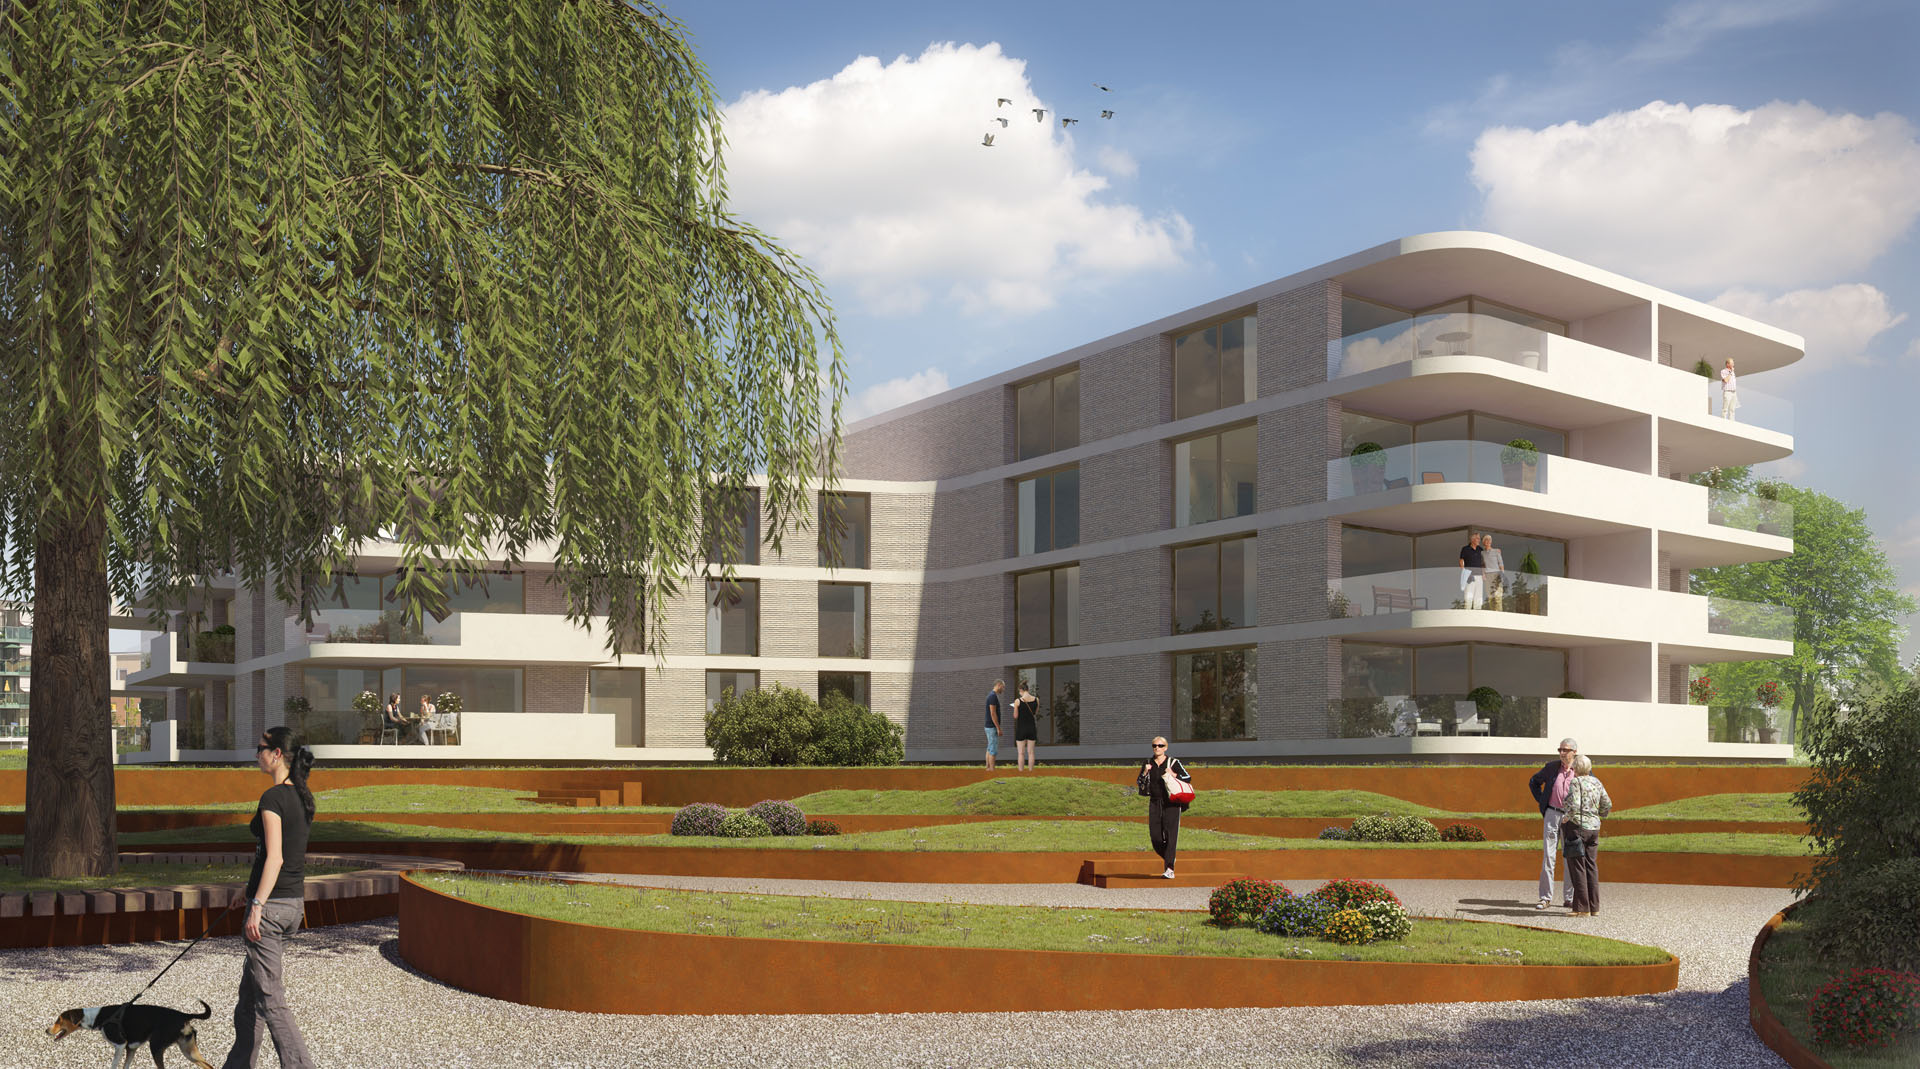 Project Parc Margriet in Nijmegen